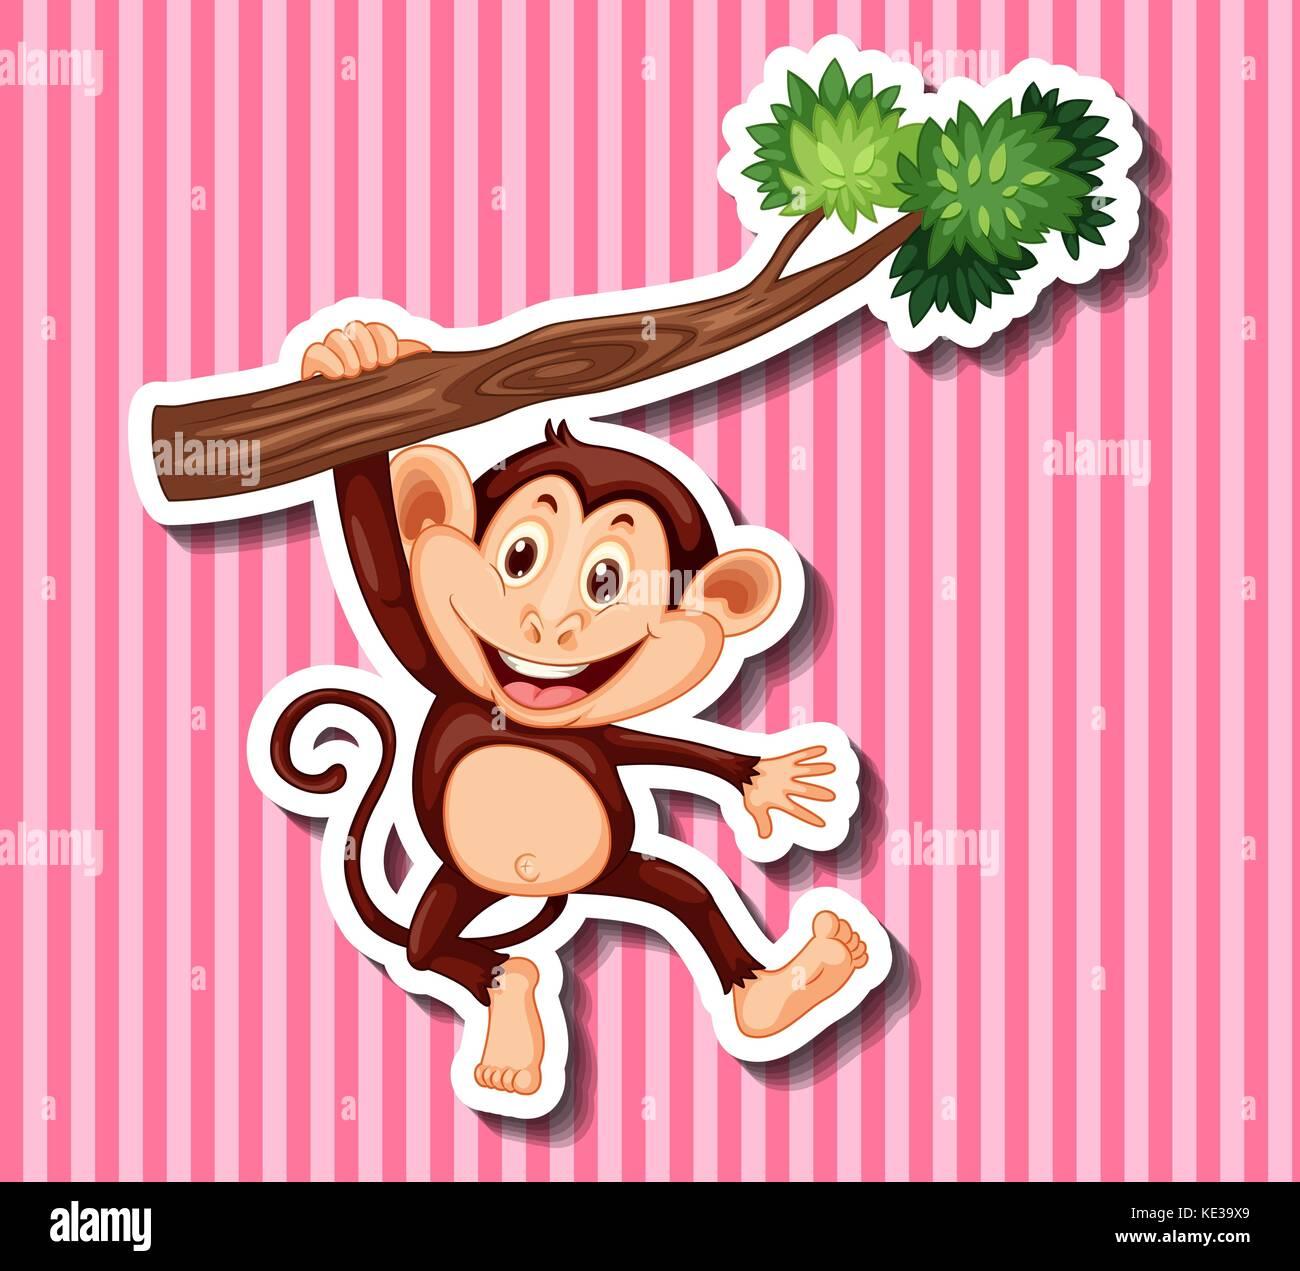 Fein Druckbare Affen Vorlage Fotos - Beispielzusammenfassung Ideen ...